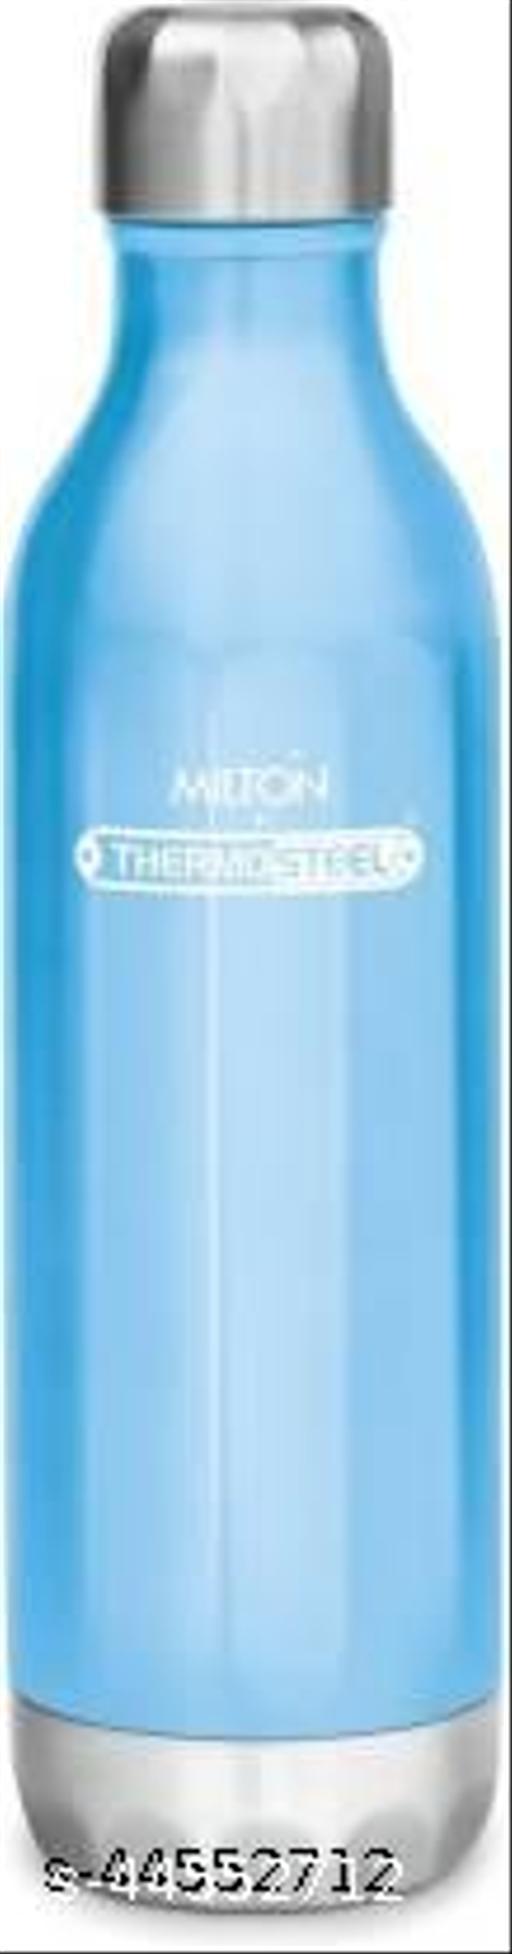 Milton Bliss 900 (790 ml) Bottle- Blue